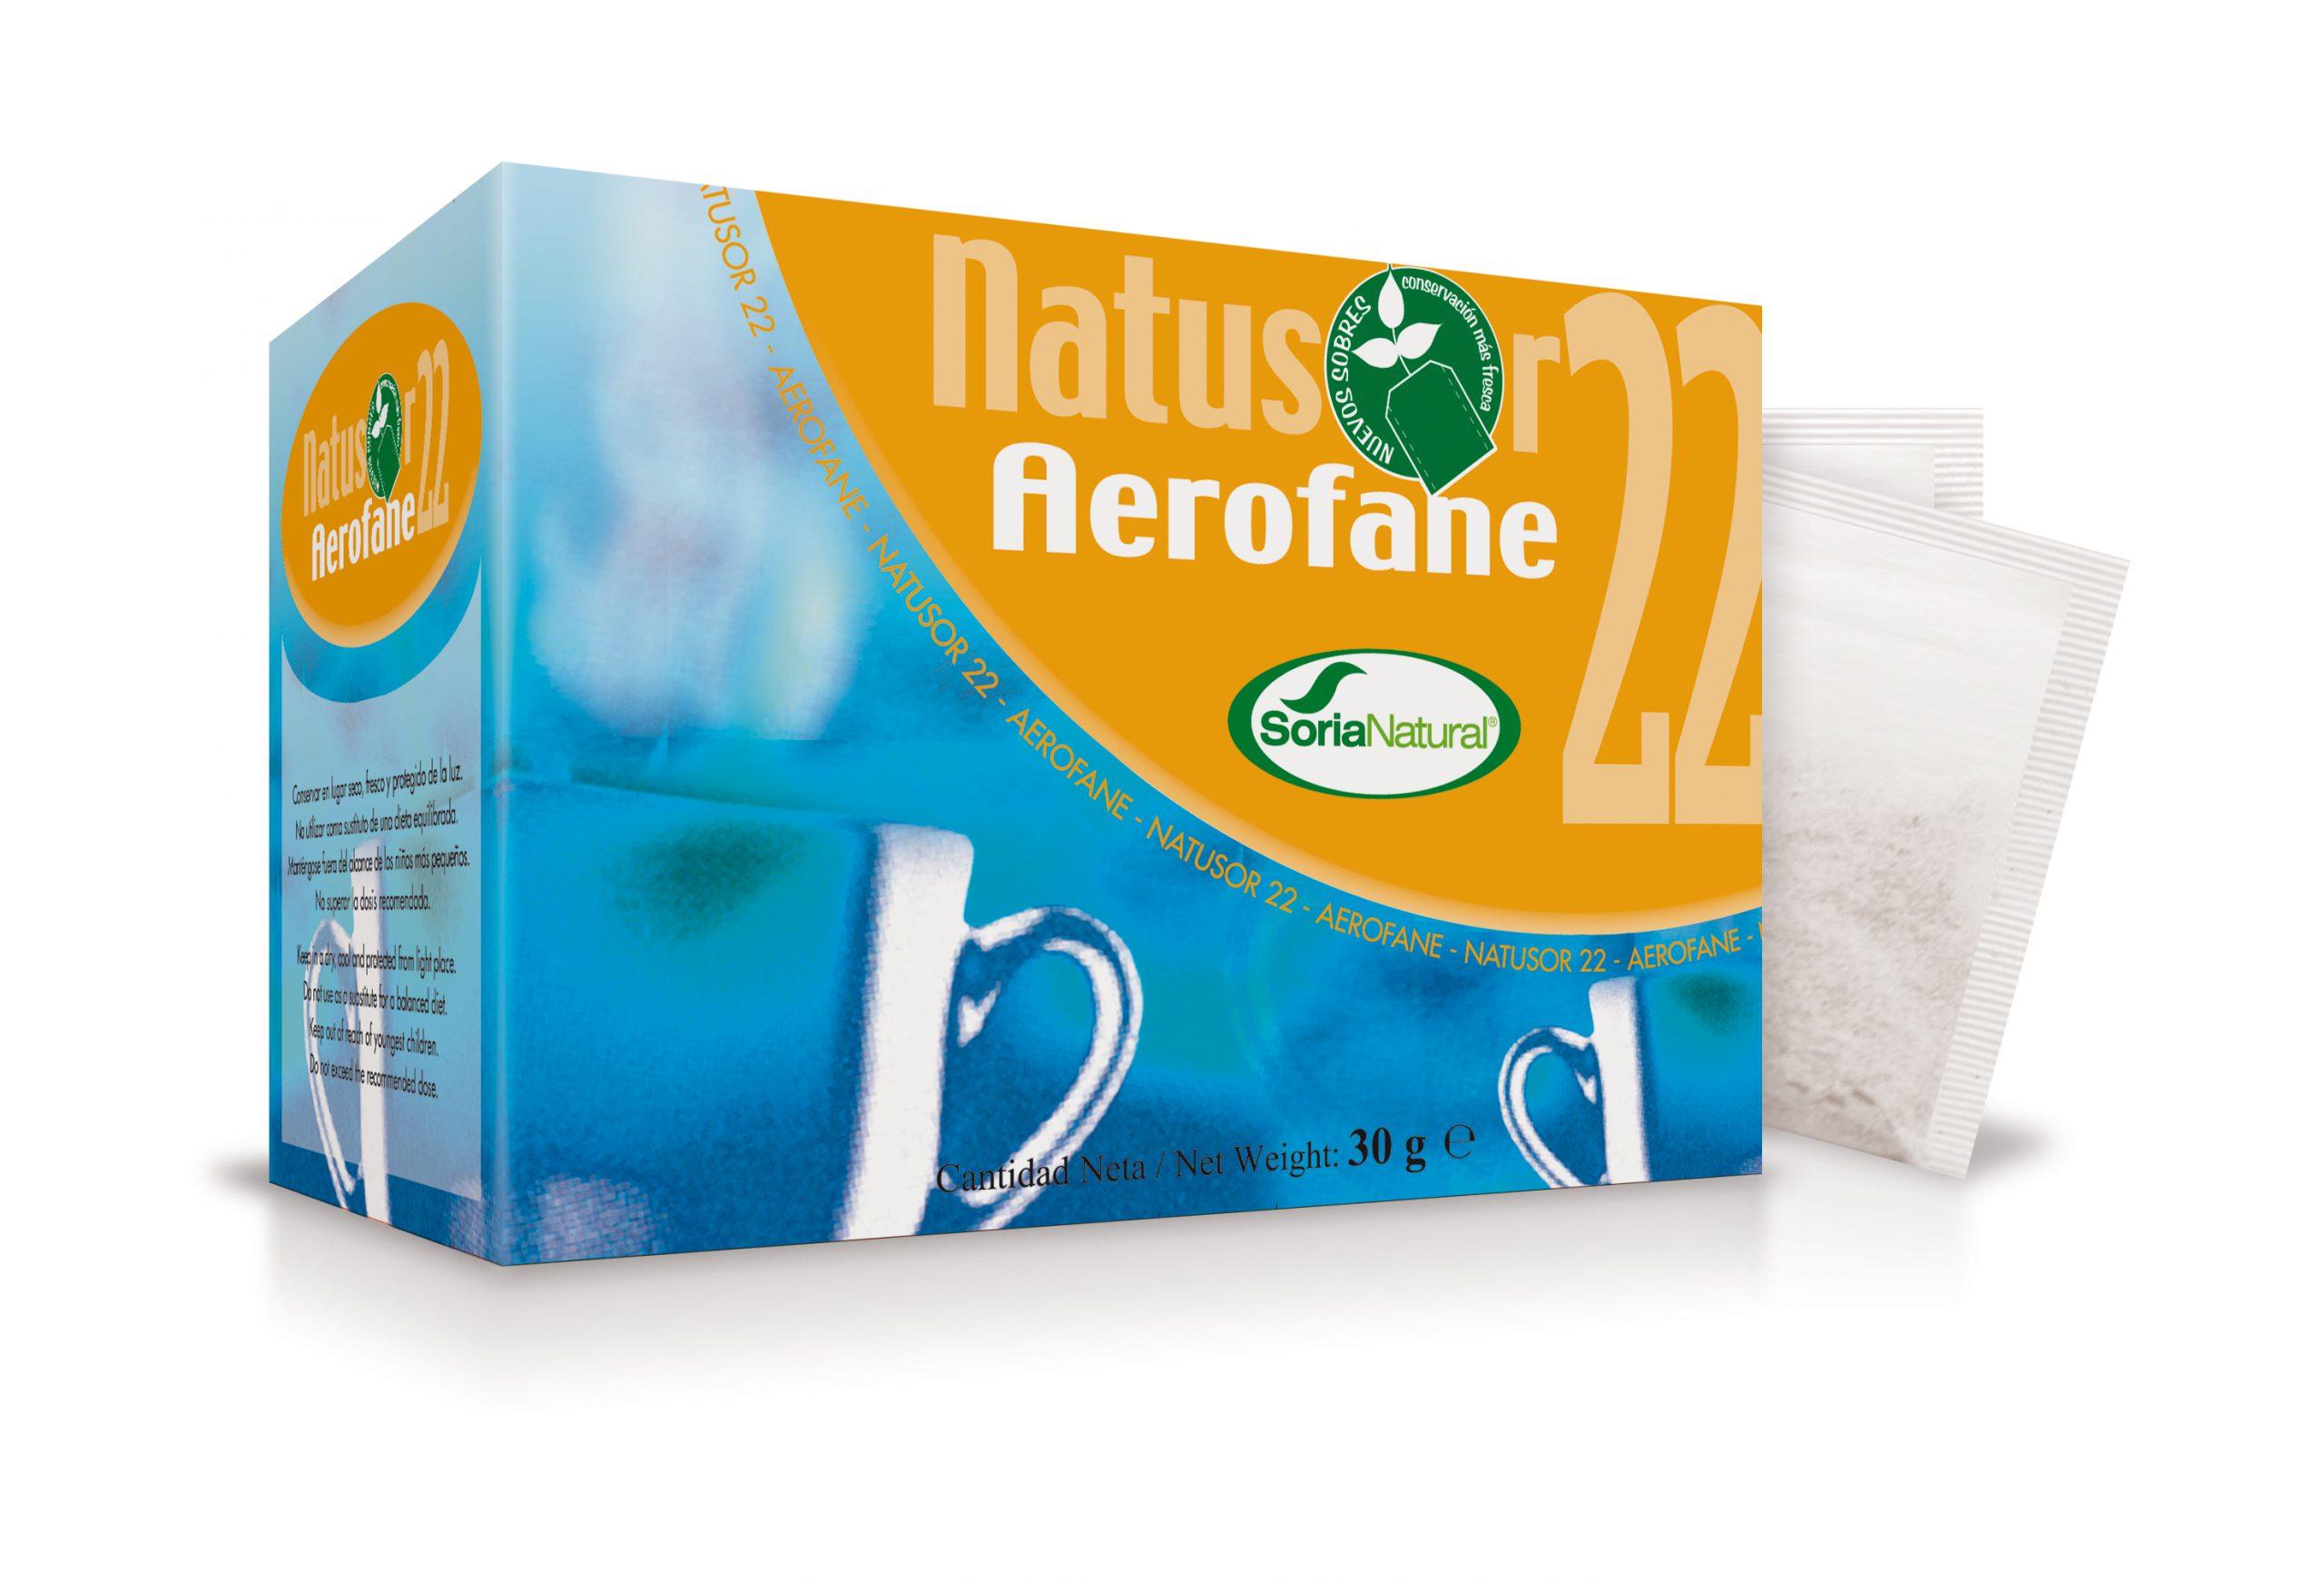 Natusor 22 Aerofane